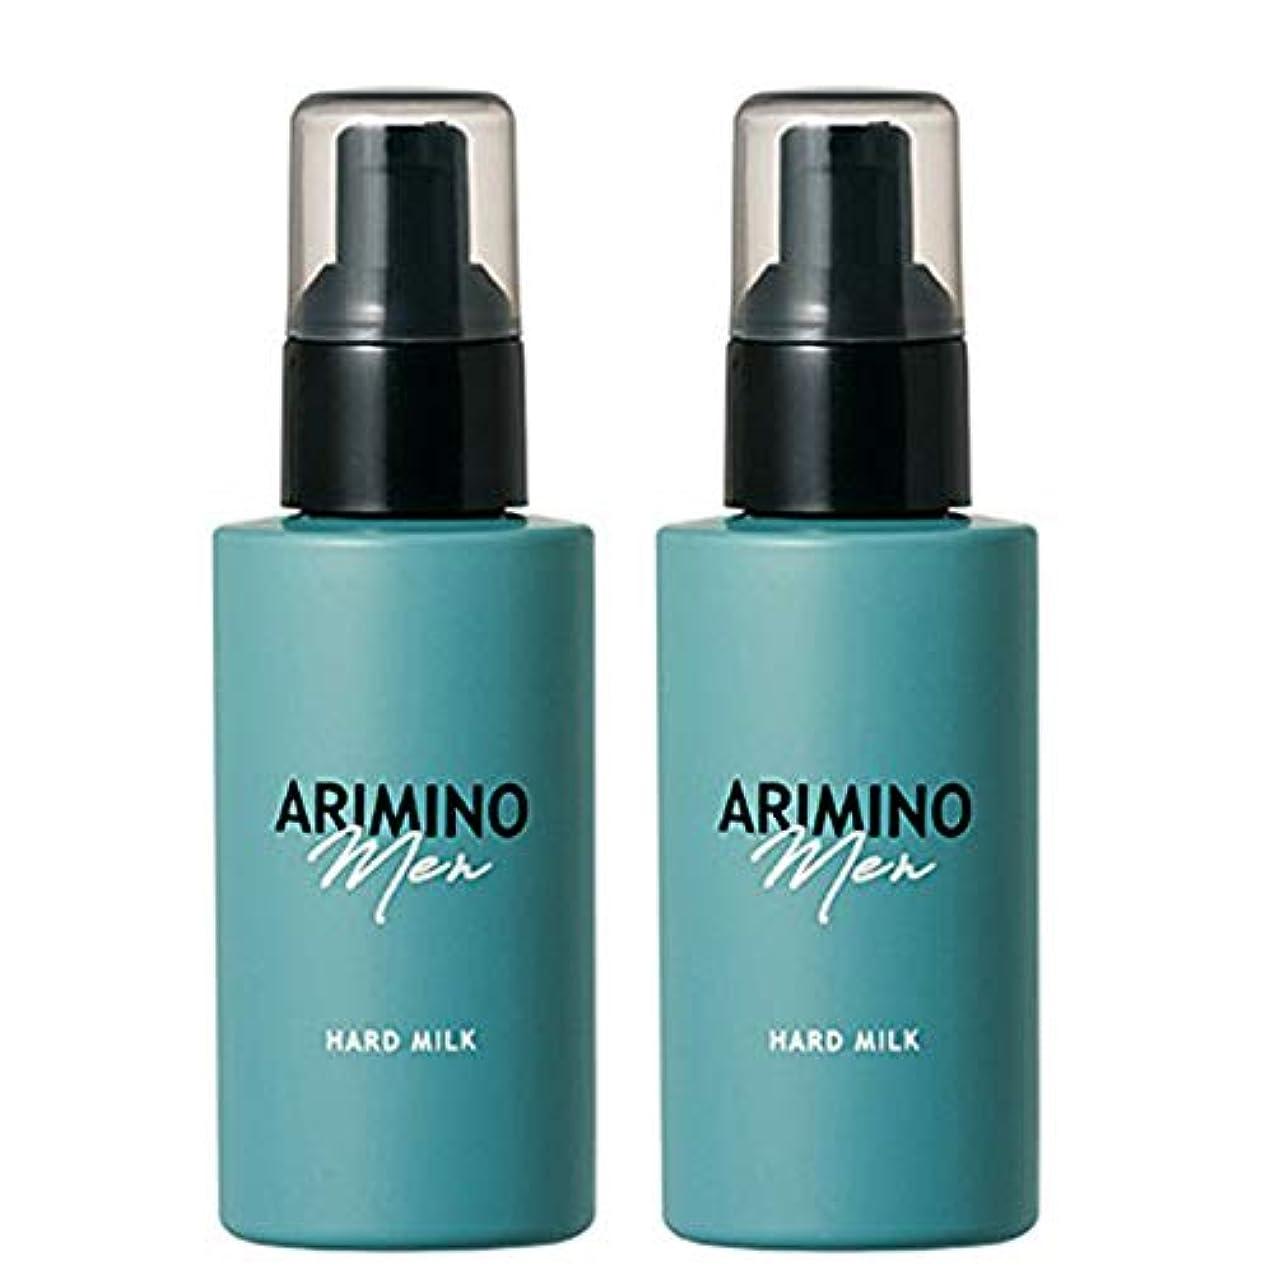 インフレーション高層ビル策定するアリミノ メン ハード ミルク 100g ×2個 セット arimino men